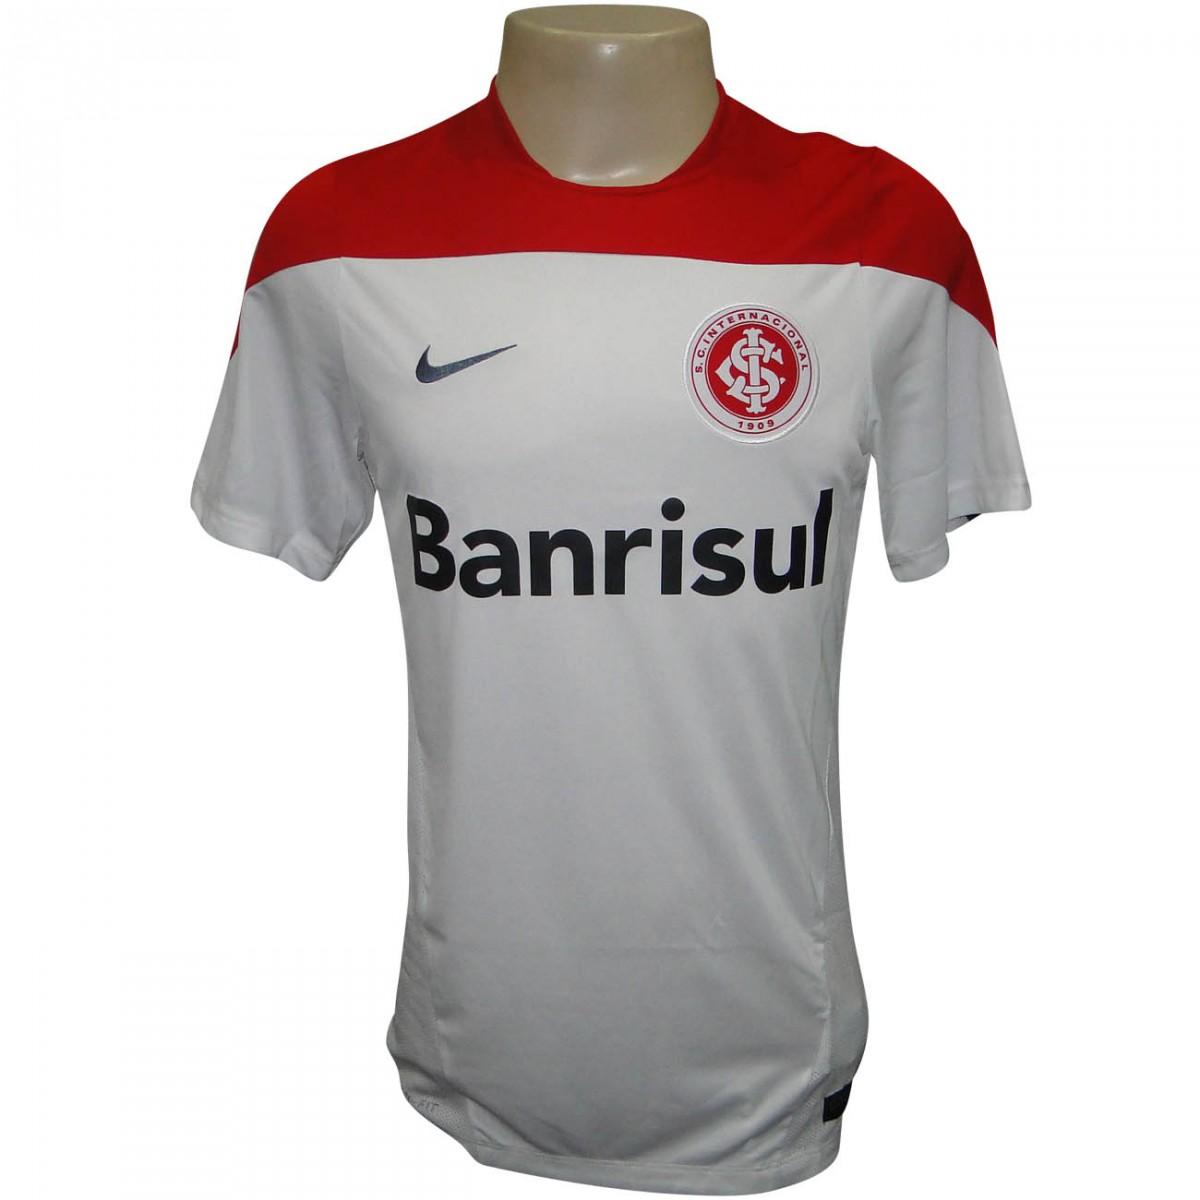 cd14587db3 Camisa Inter Nike Treino 2014 578810 101 - Branco Vermelho - Chuteira Nike